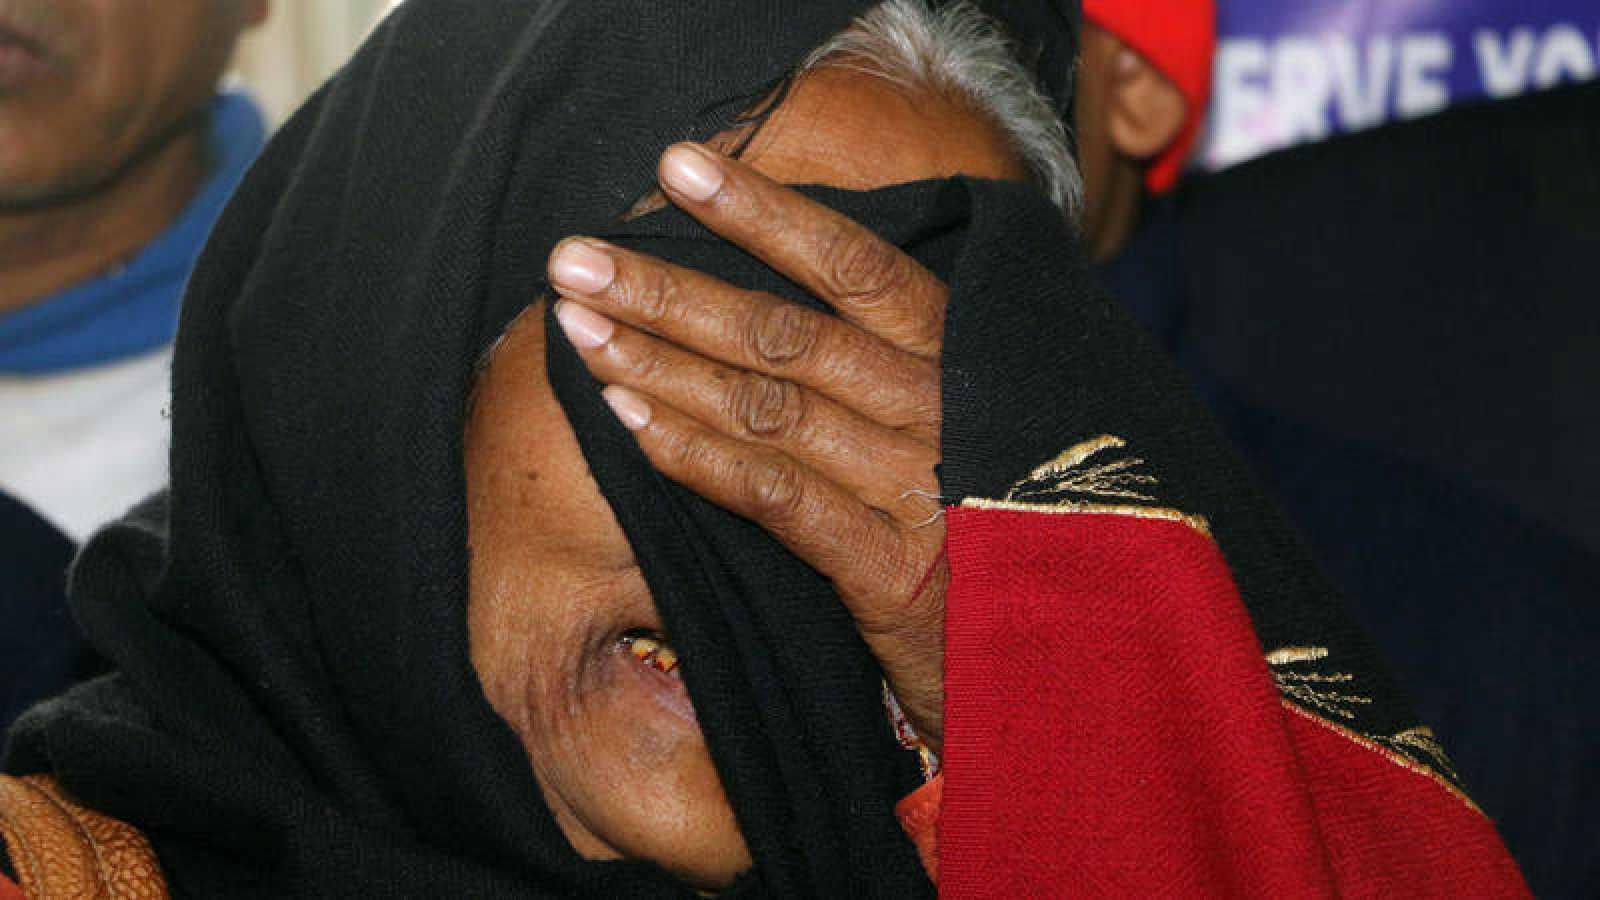 El consumo de alcohol adulterado mata a cerca de un centena de personas en la India